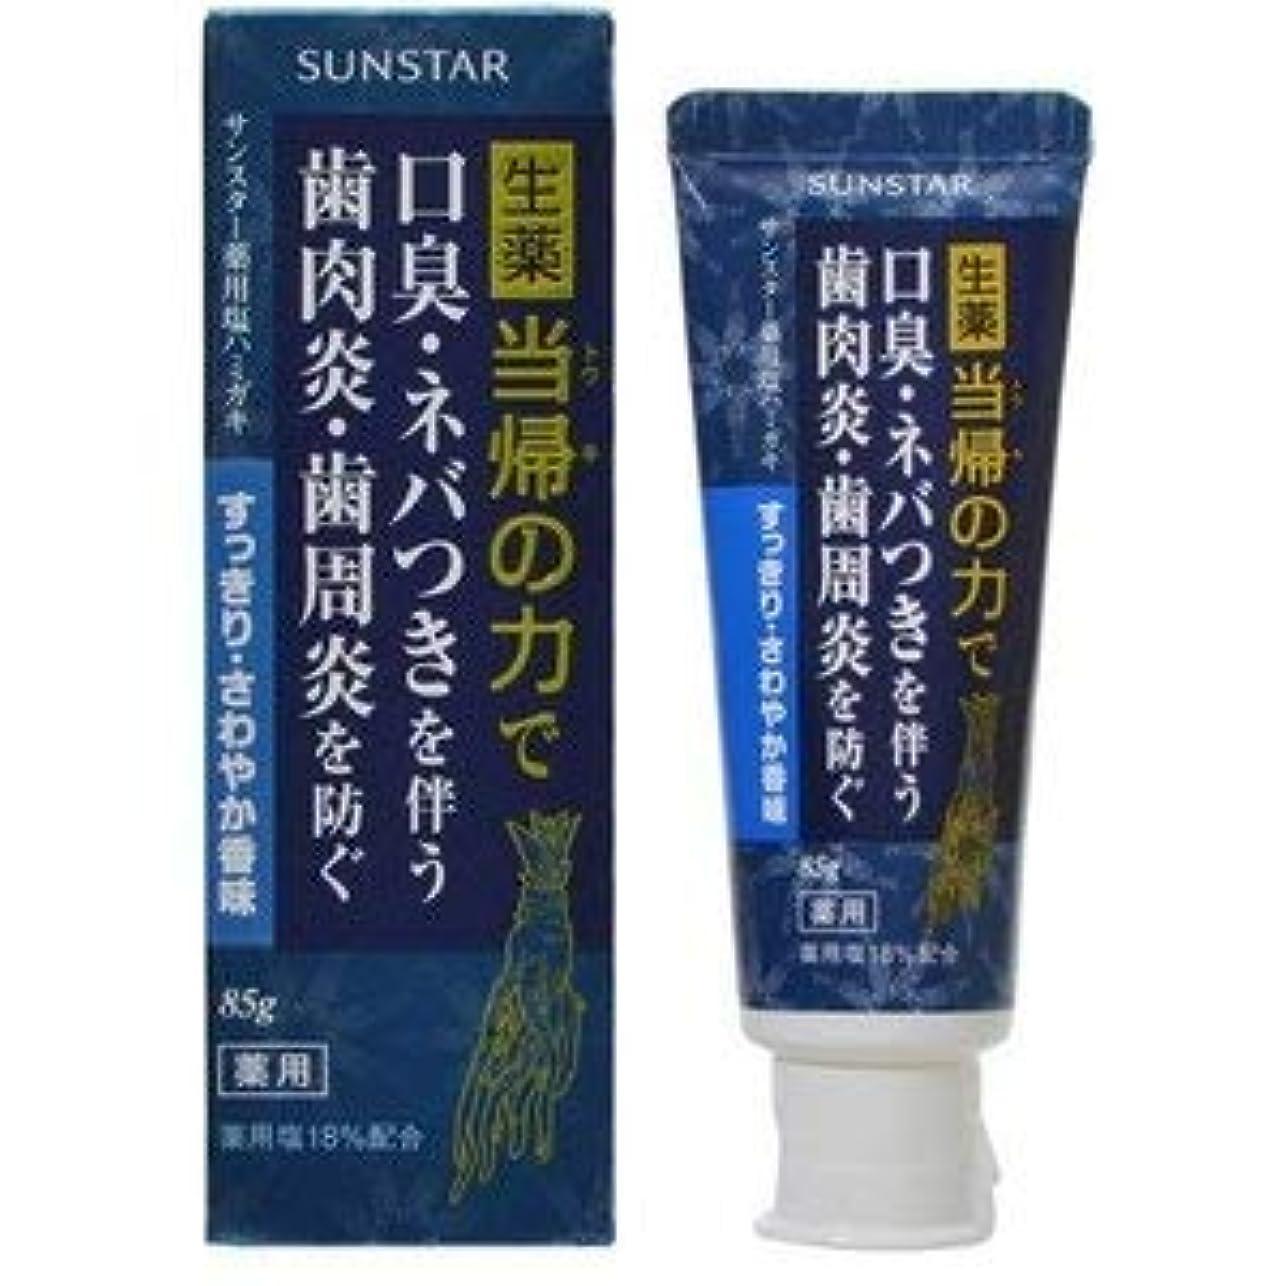 溶ける存在微視的サンスター薬用塩ハミガキ 当帰の力すっきりさわやか香味 85g (医薬部外品) × 10点